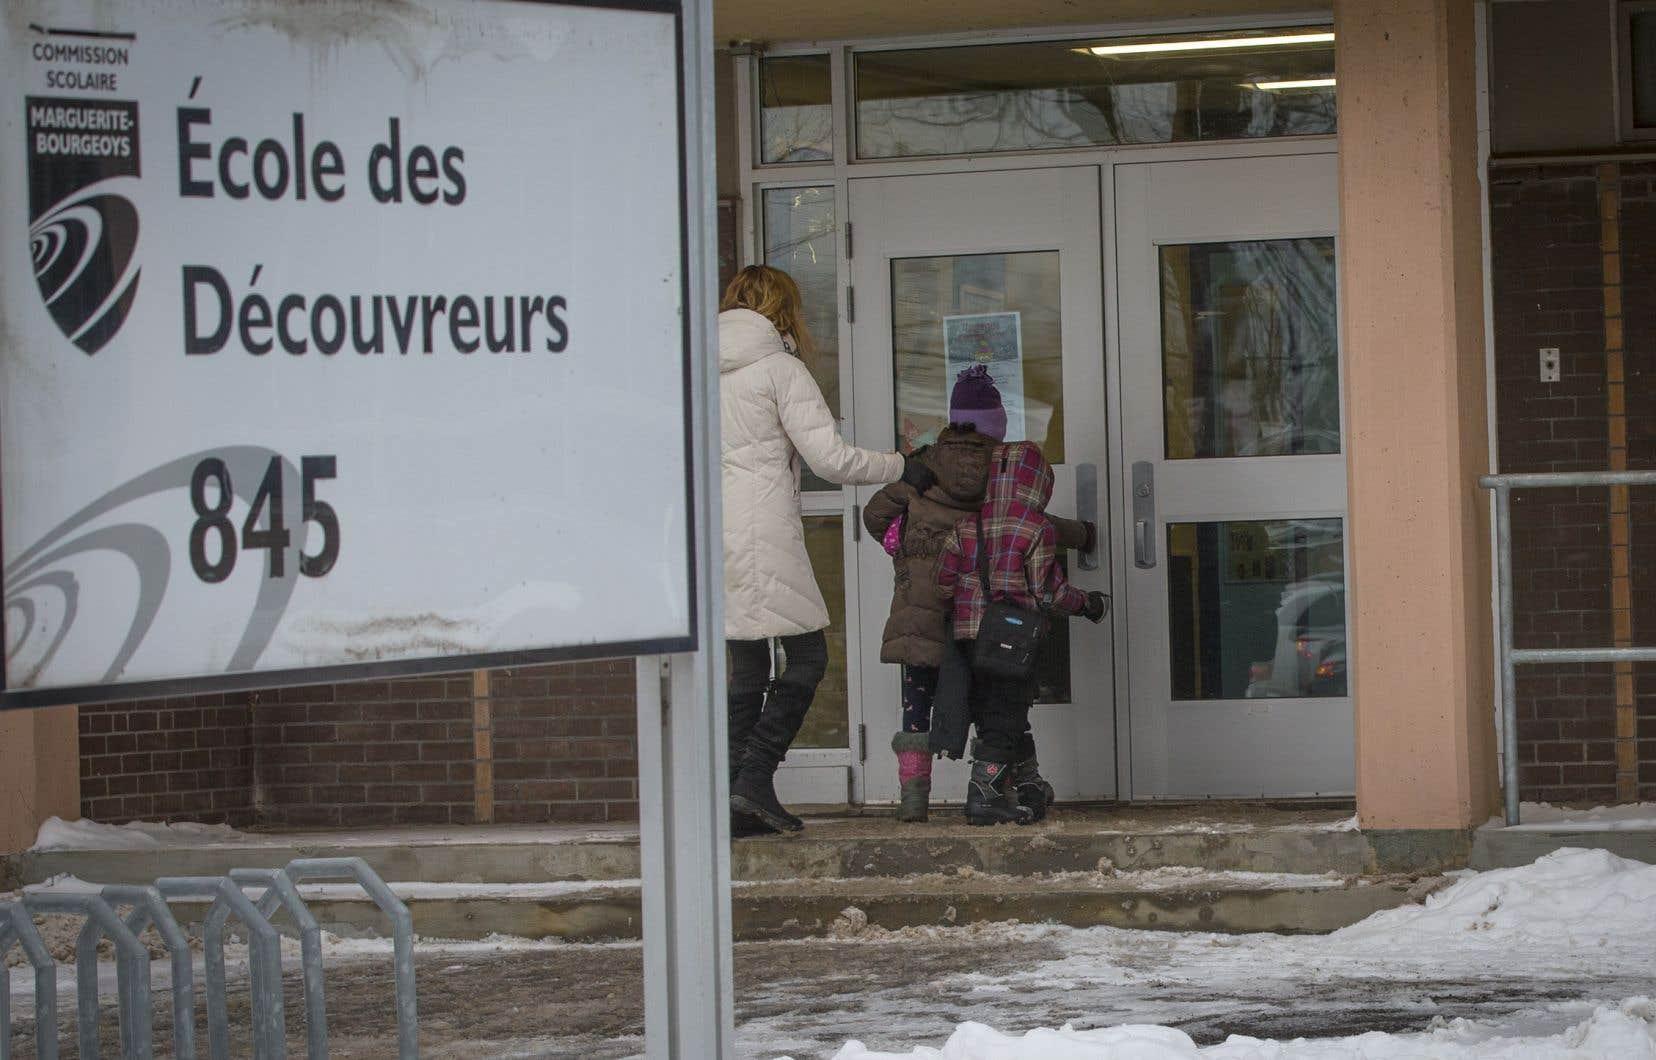 Le 14 janvier, des enfants et des membres du personnel ont été intoxiqués au monoxyde de carbone à l'école primaire des Découvreurs, à Montréal.